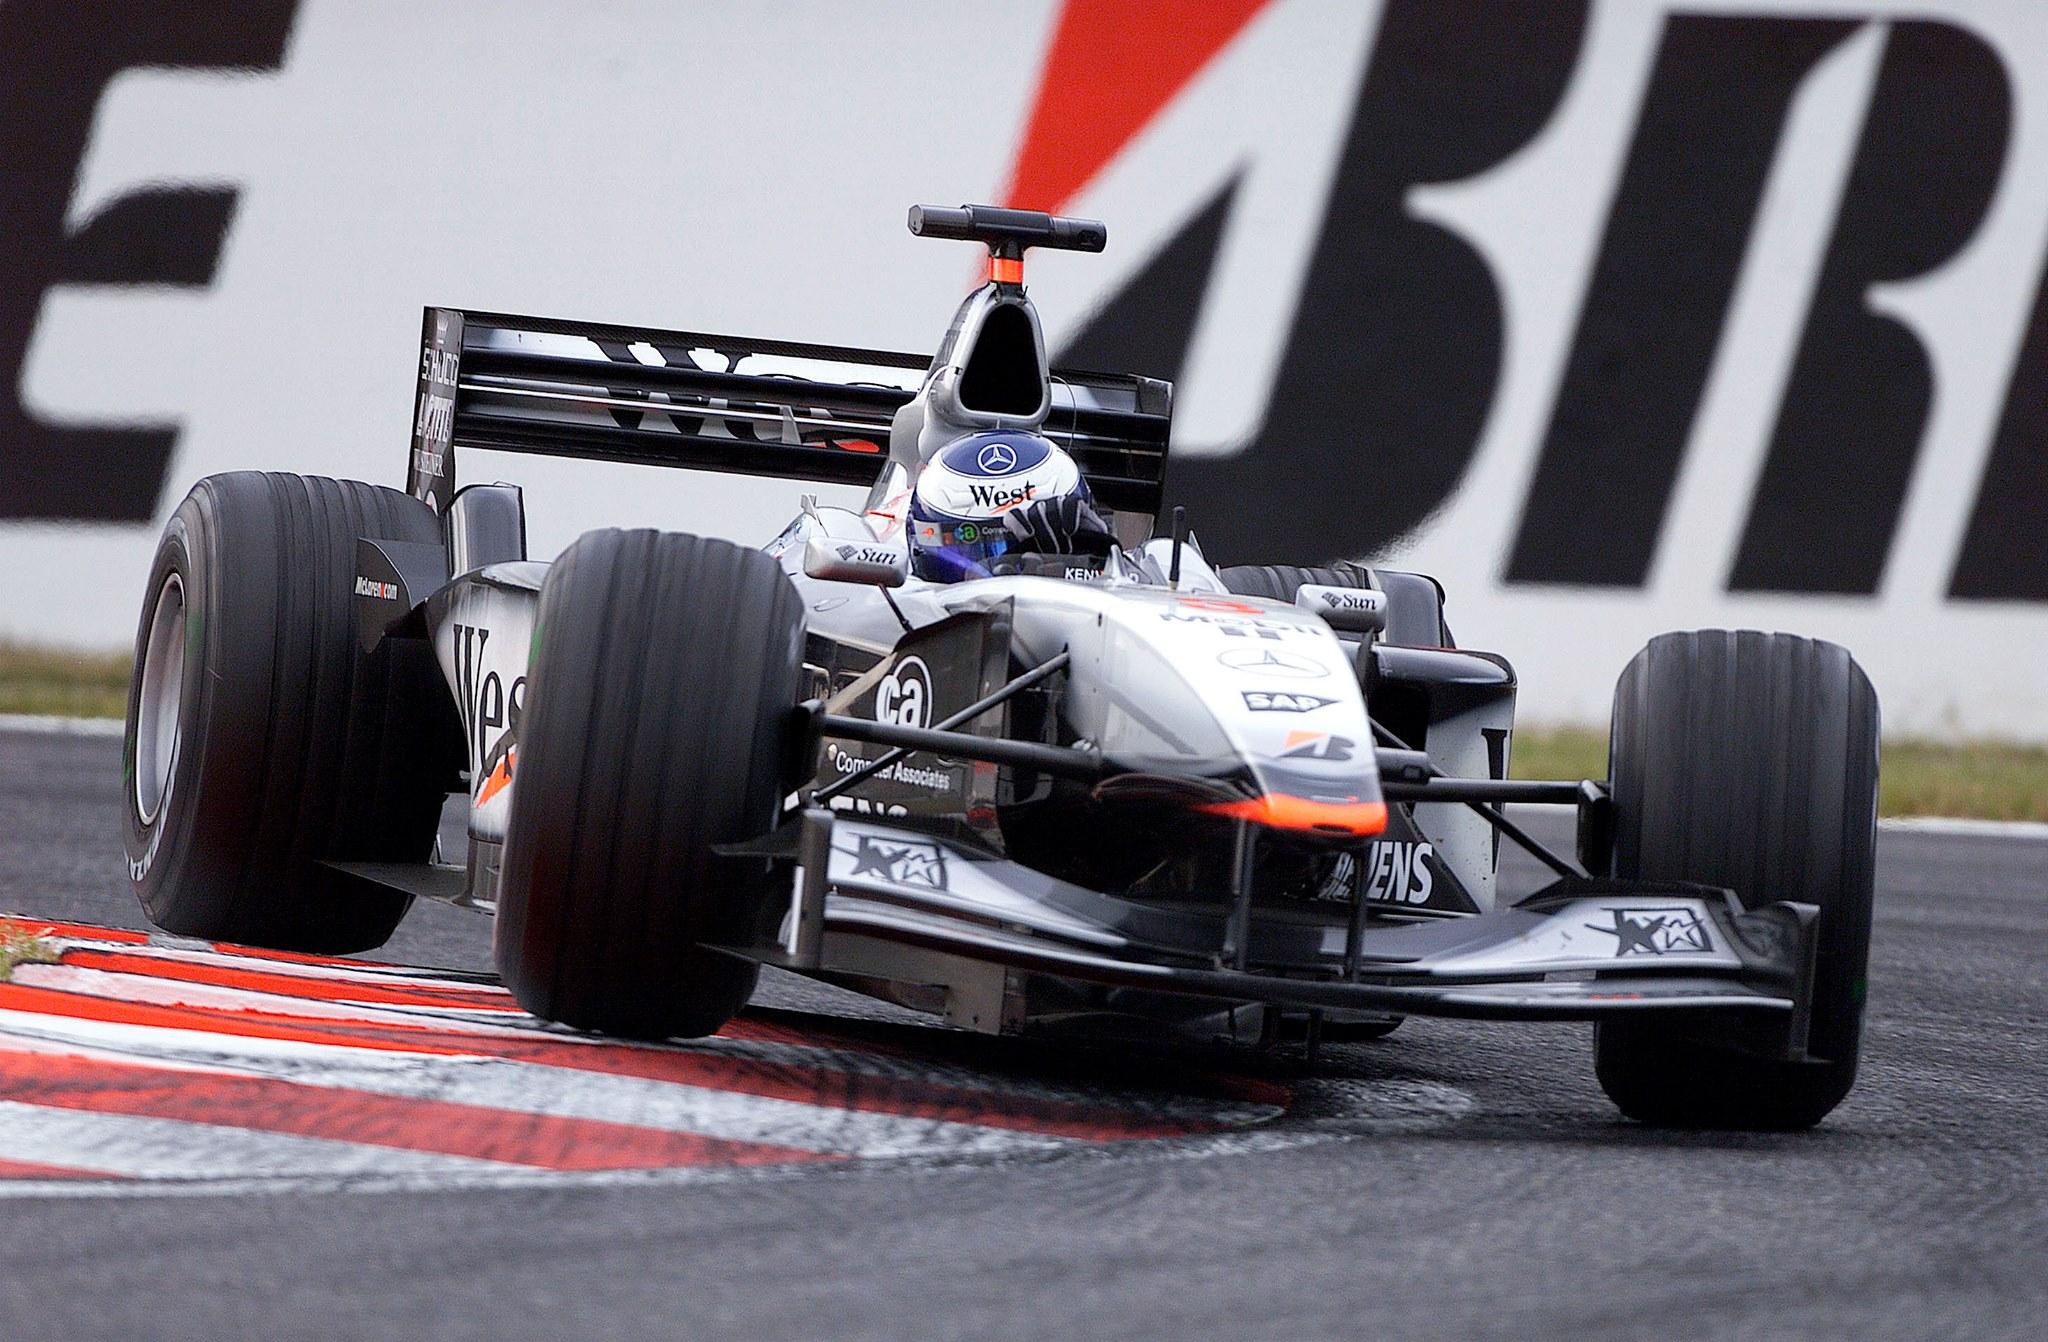 http://www.mclaren.com/formula1/